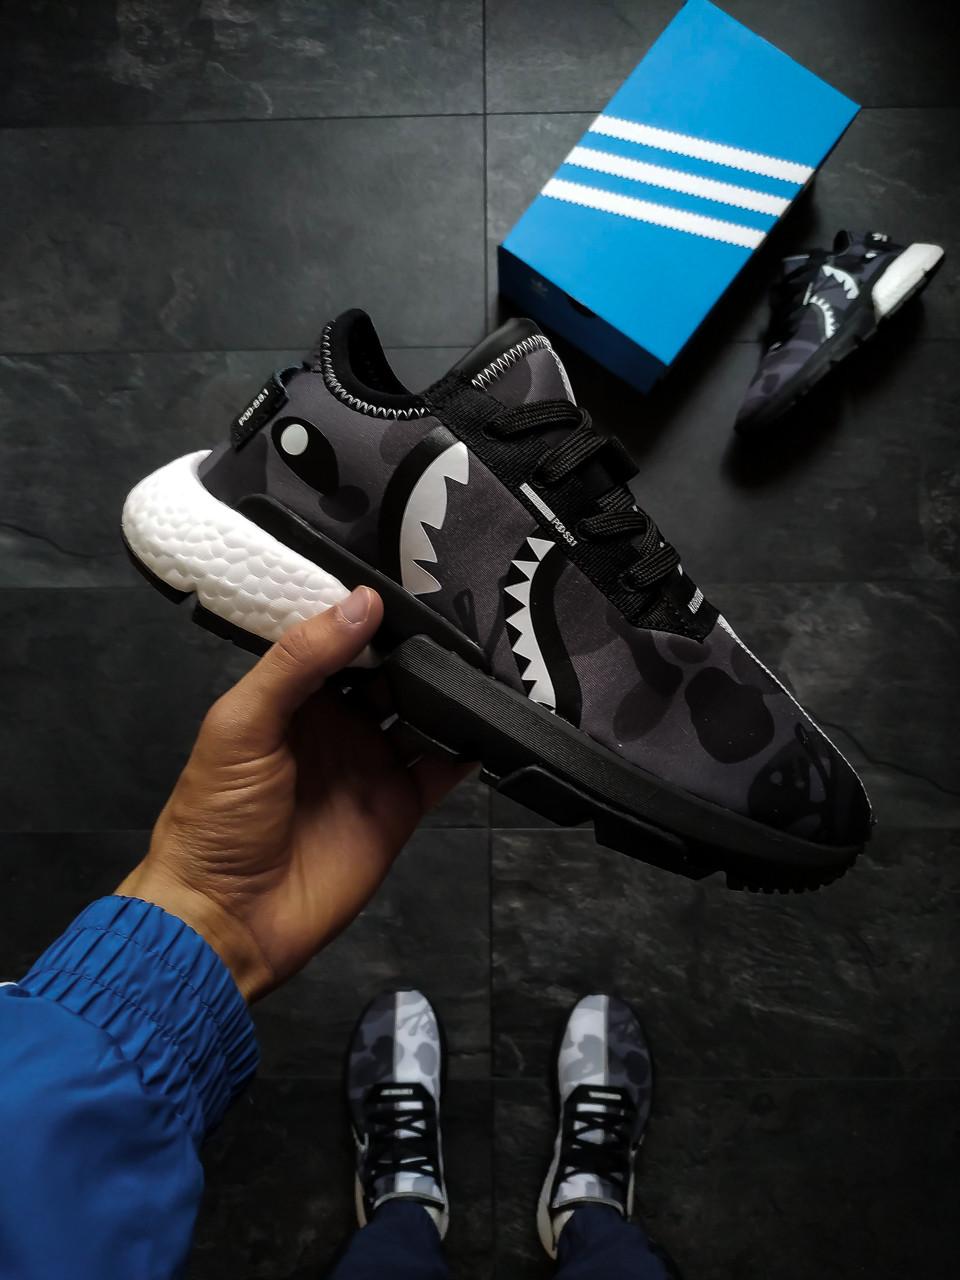 Кросівки Adidas POD S3.1 Bape x Neighborhood чоловічі сірі